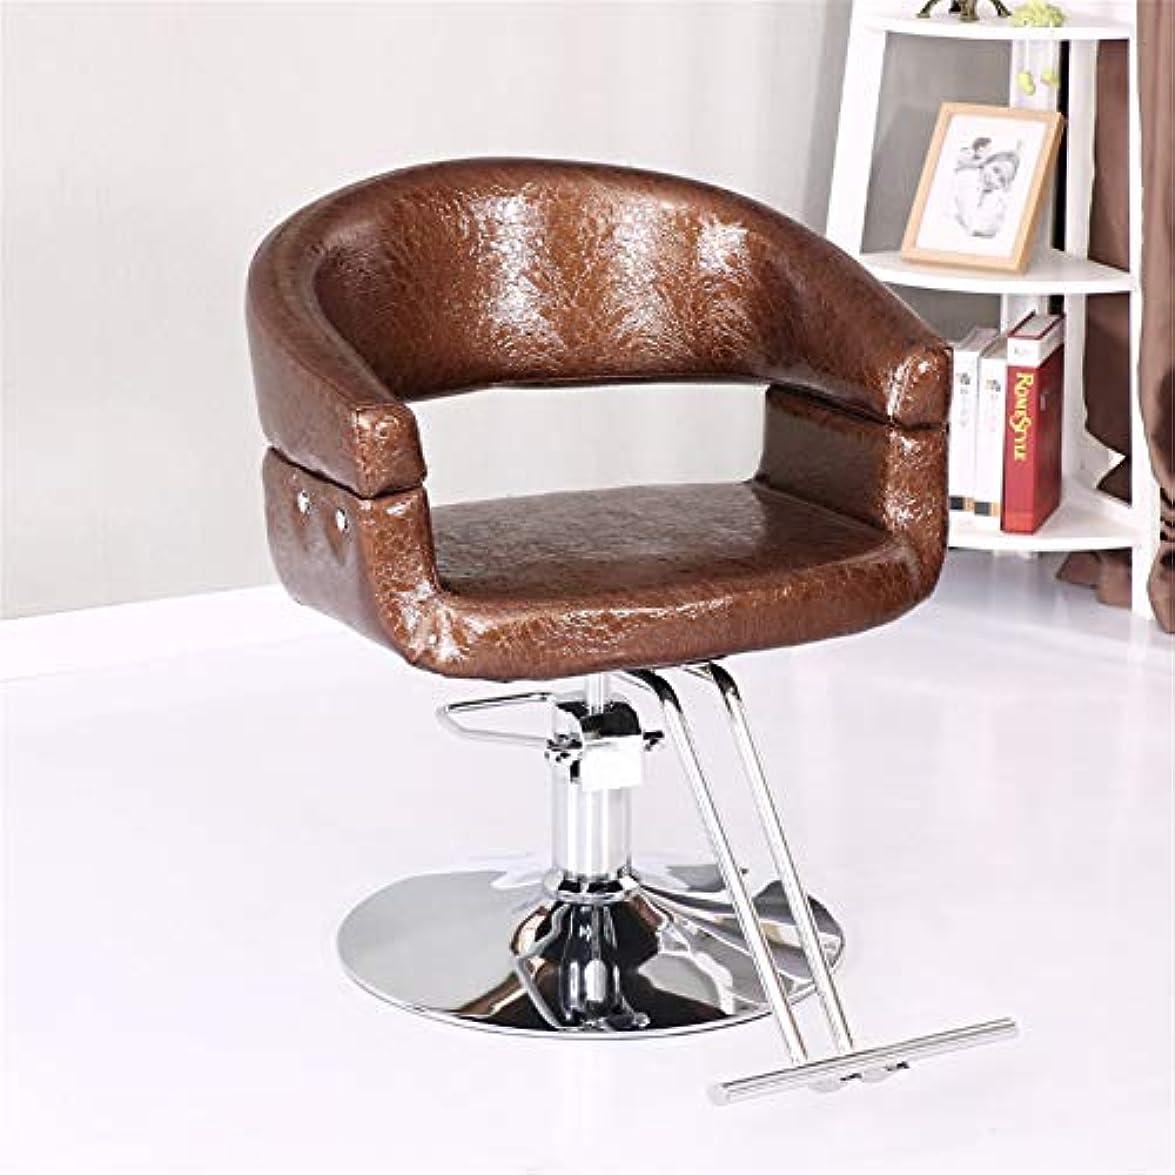 デッドロック階下香ばしいSalon Chair Fashion Hydraulic Barber Chair Styling Beauty Salon Equipment Round Base Stable Comfort,Brown,B